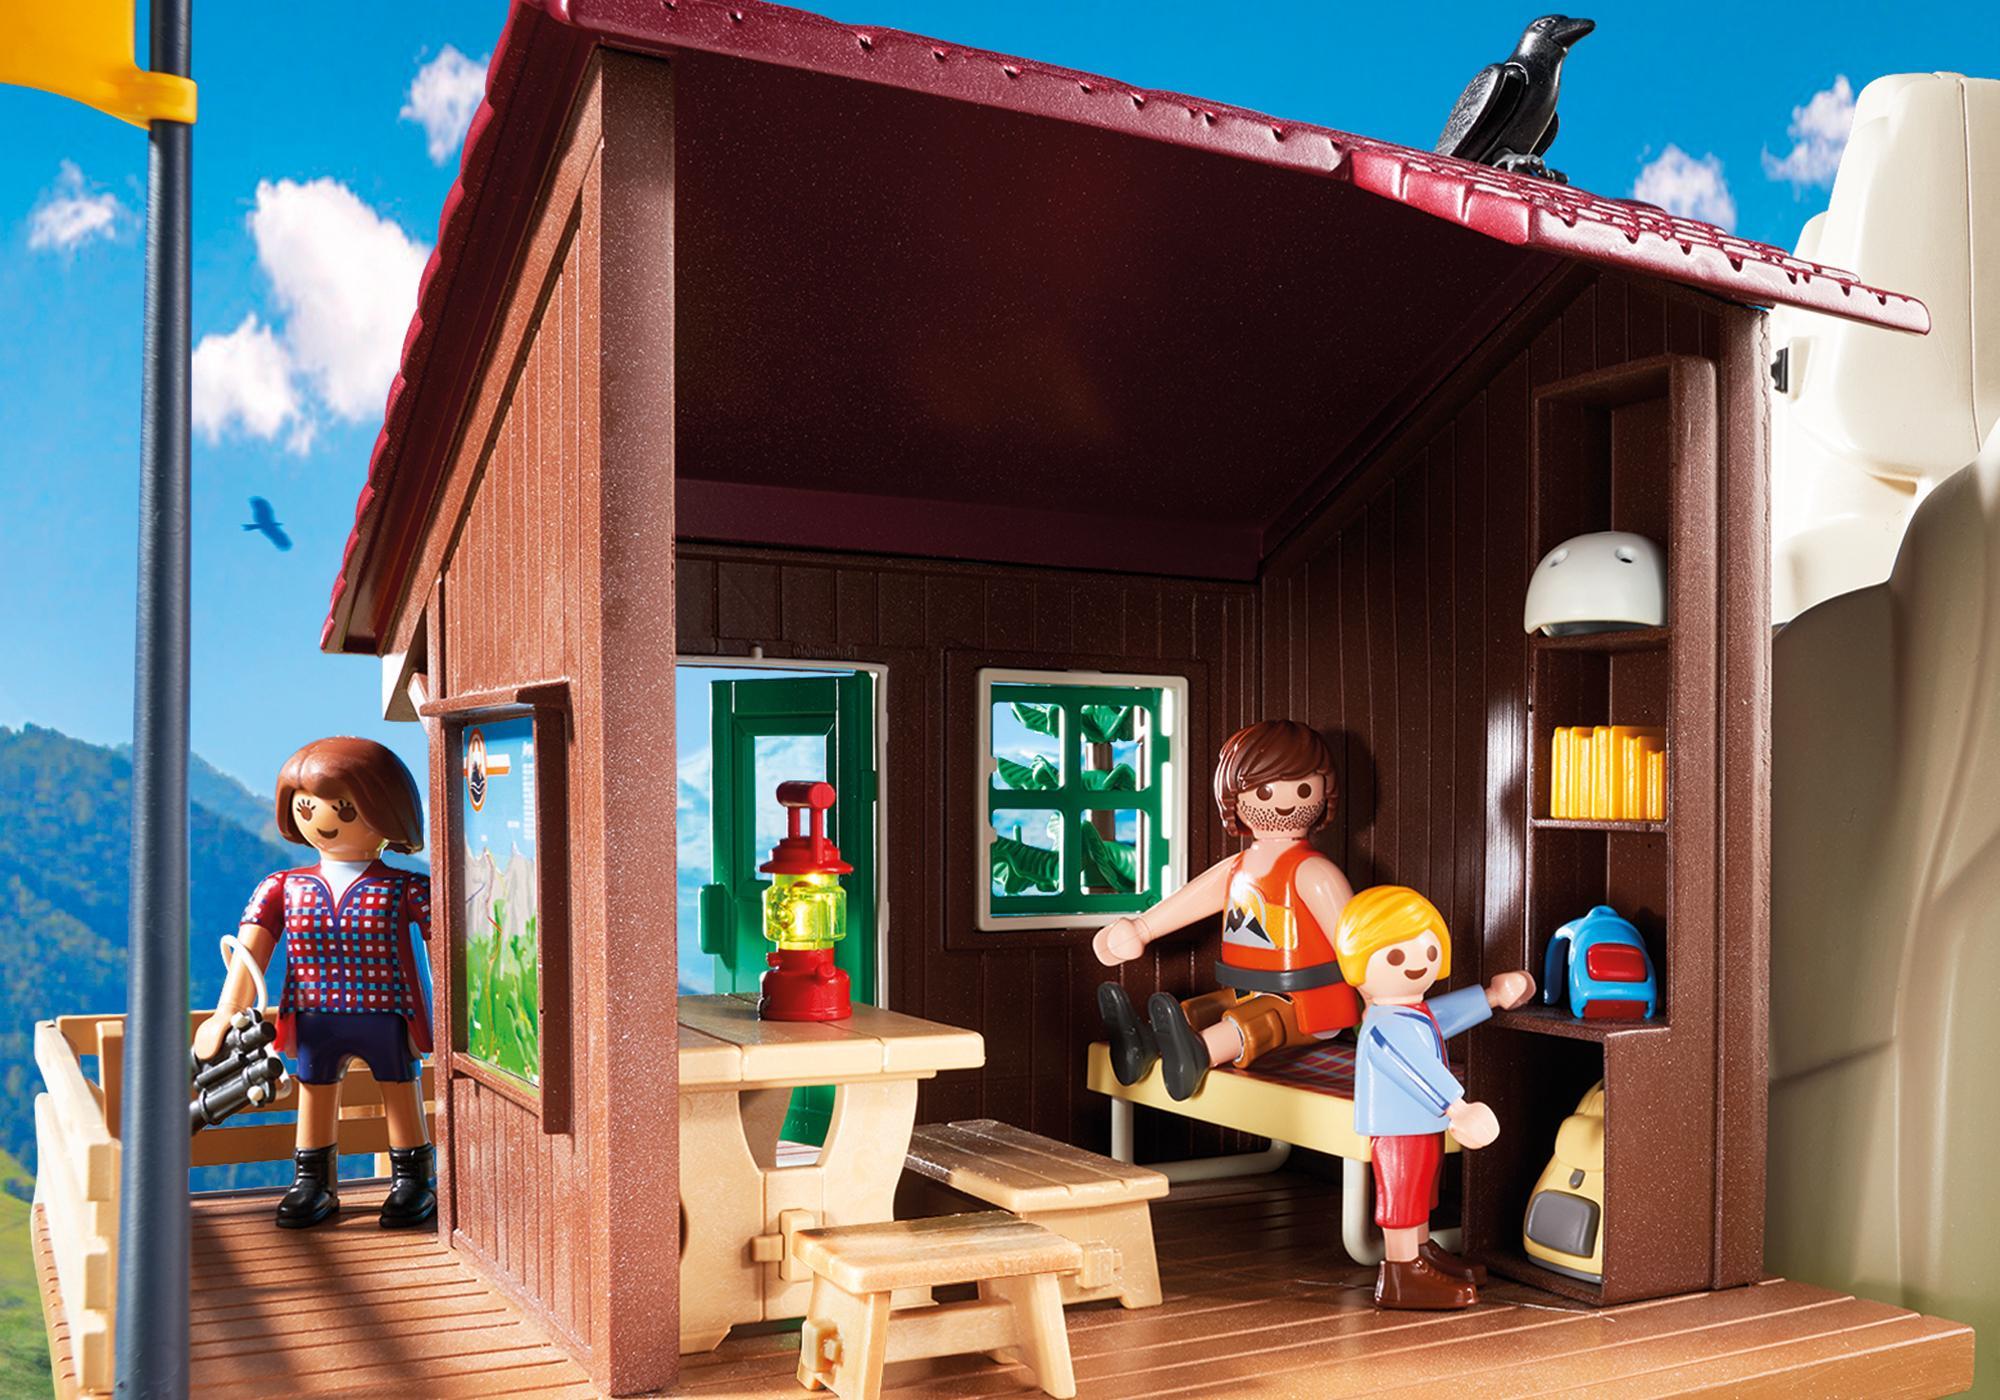 http://media.playmobil.com/i/playmobil/9126_product_extra4/Escaladores con Refugio